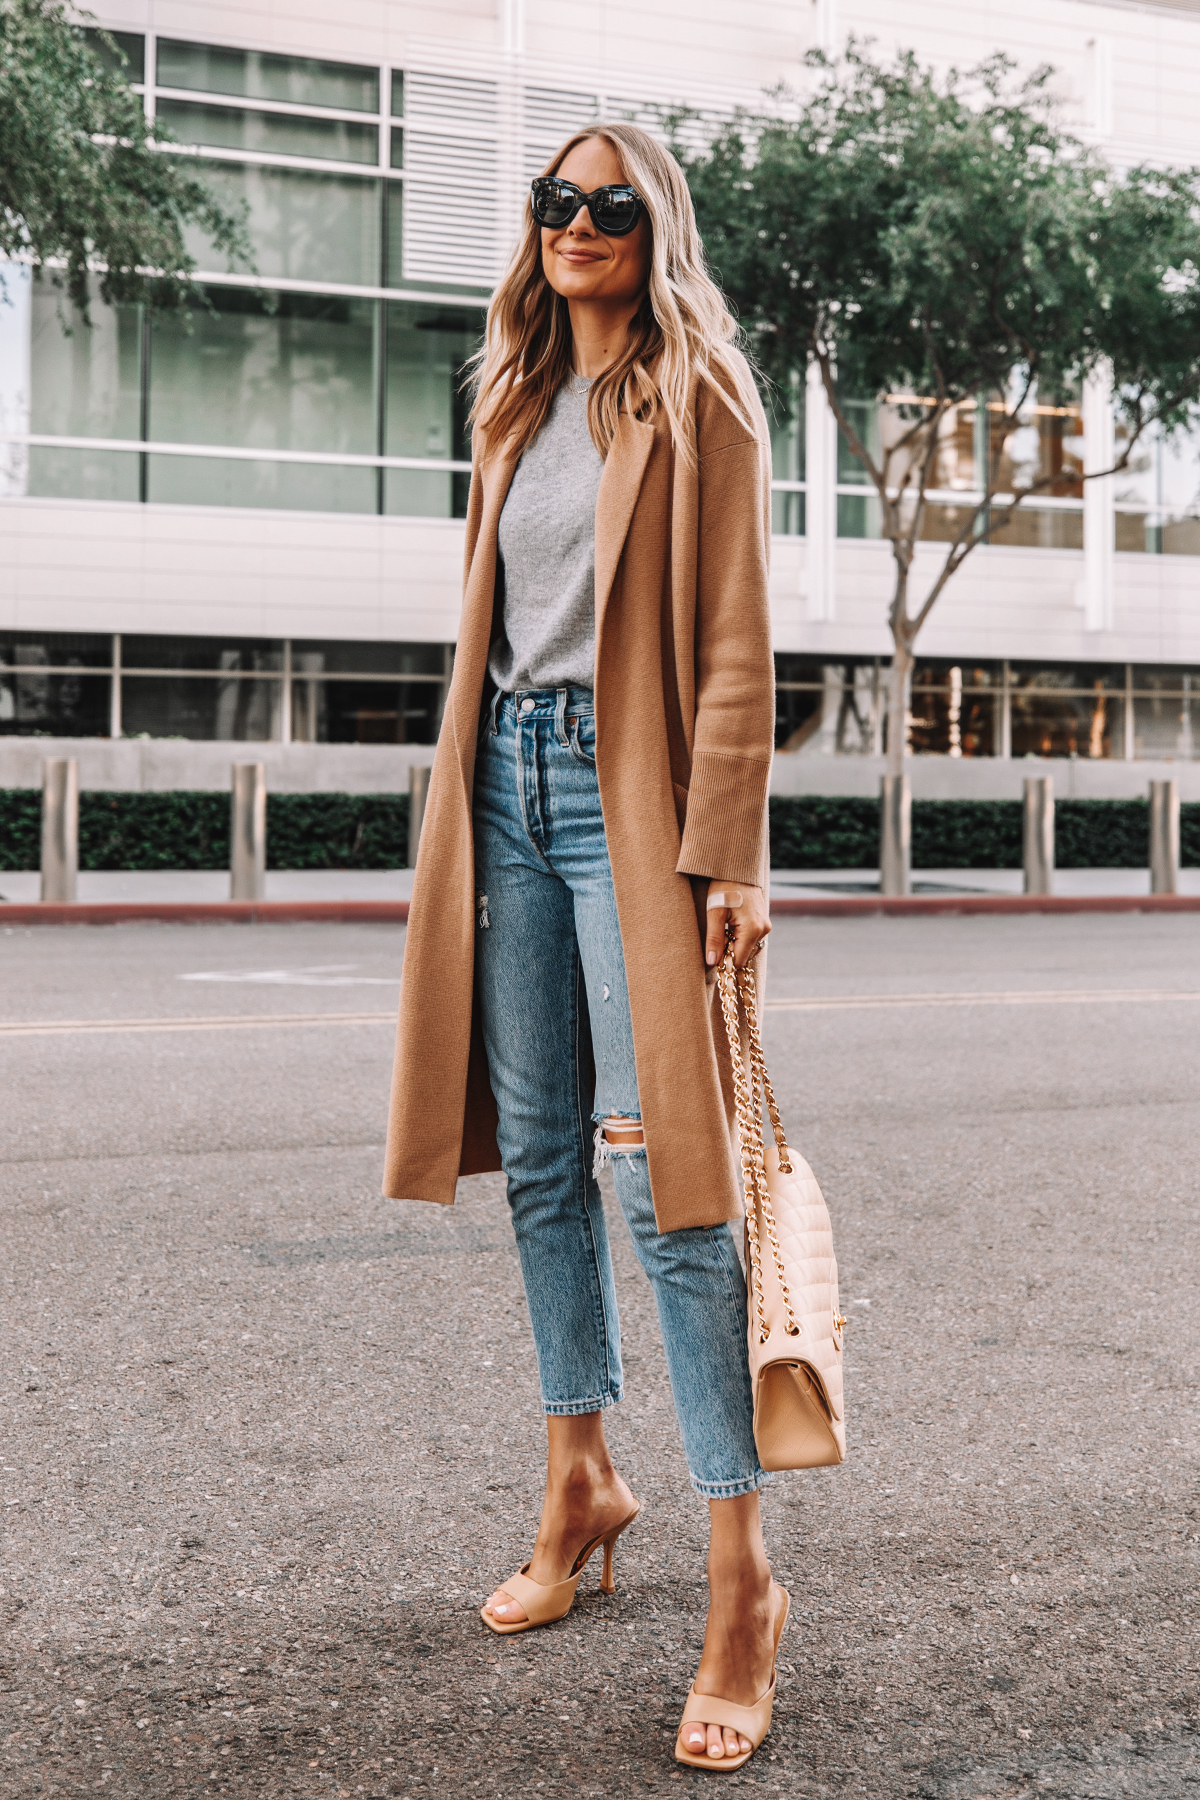 Fashion Jackson Wearing Jcrew Ella Long Sweater Blazer Grey Sweater Levis 501 Ripped Skinny Jeans Nude Heeled Sandals Chanel Beige Handbag